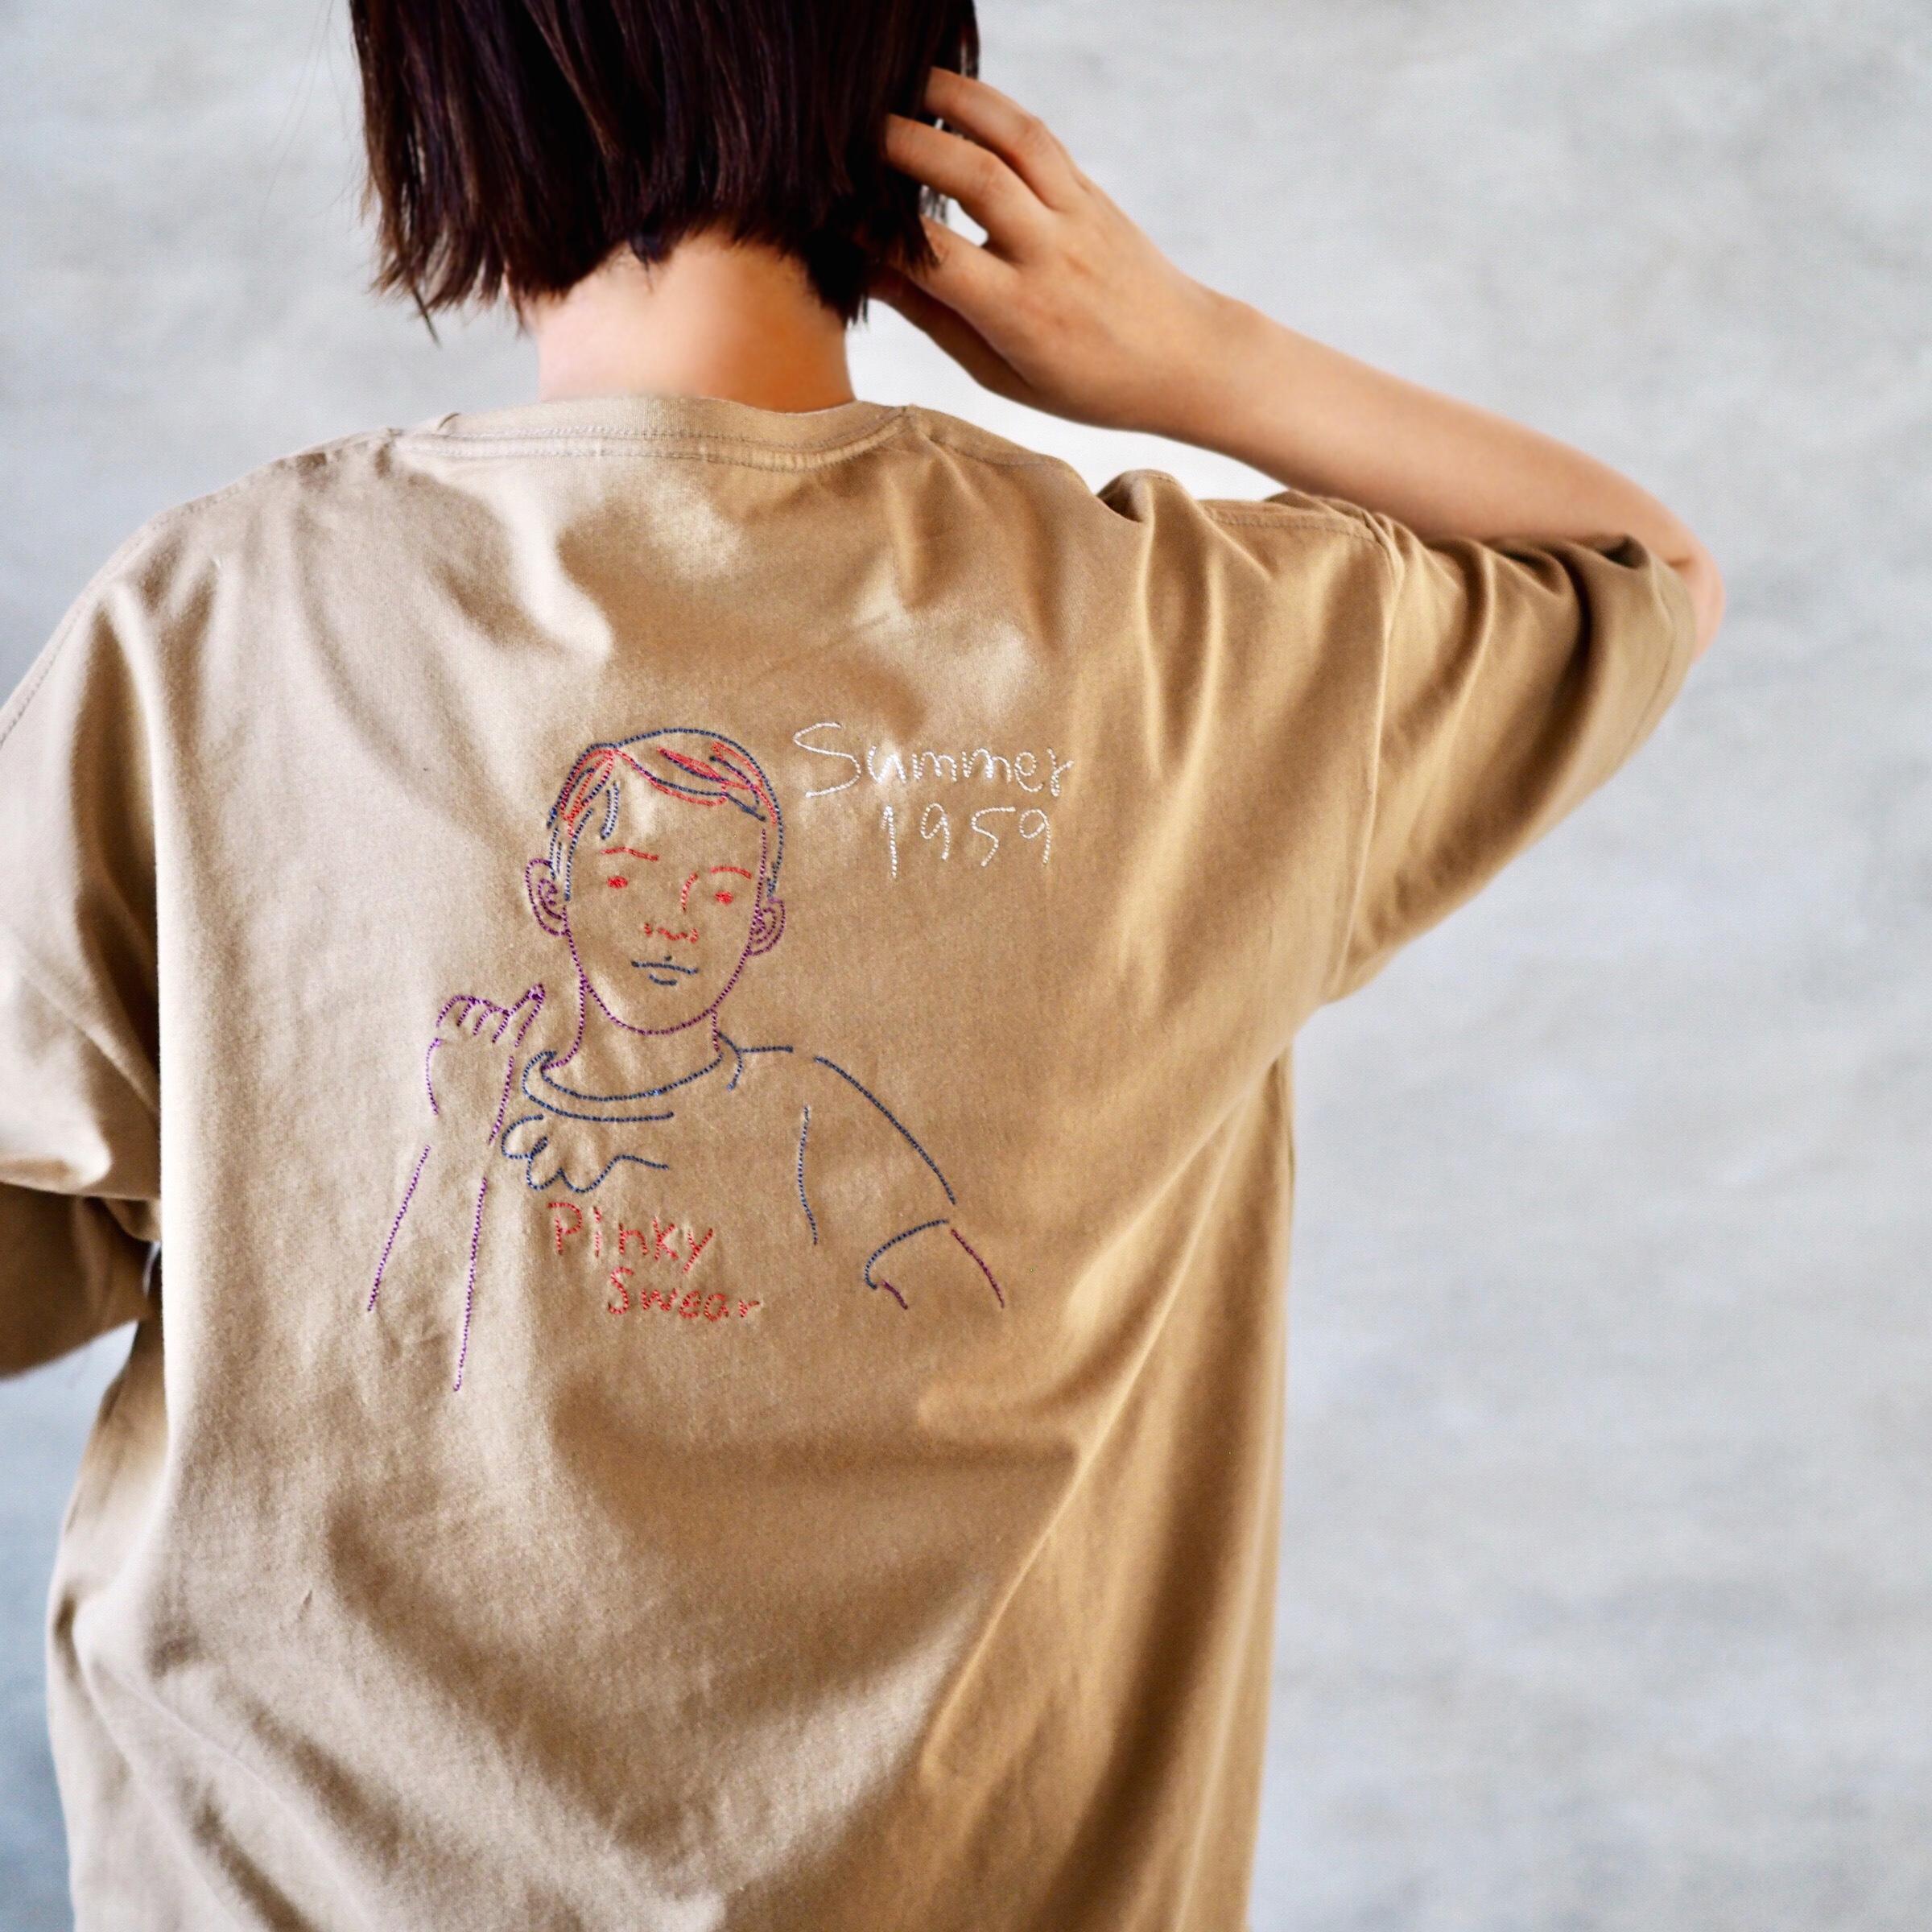 <ワイド/Stitch>Pinky Tee(Tシャツ)